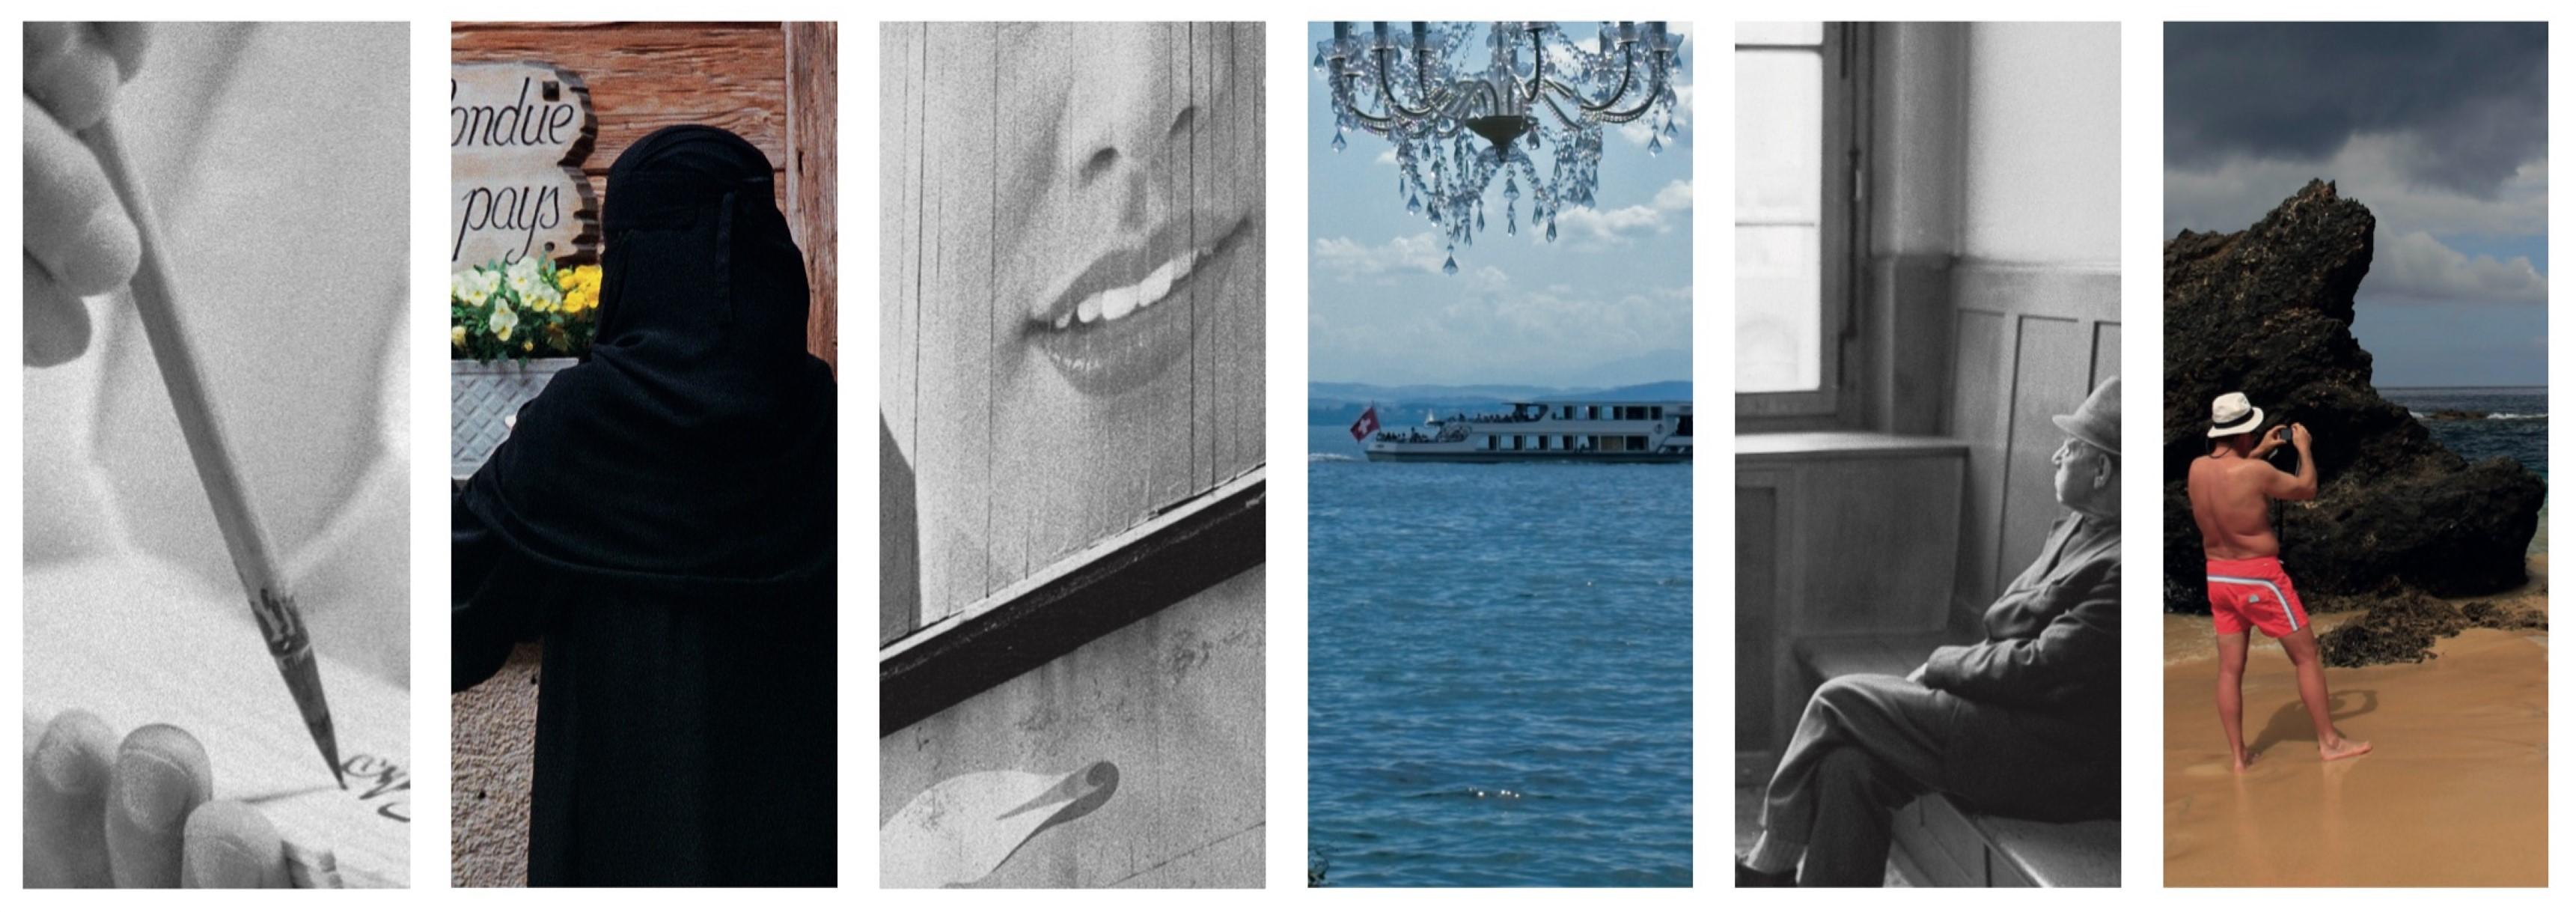 http://romanoriedo.ch/files/gimgs/1_flyer-murten-fotos.jpg